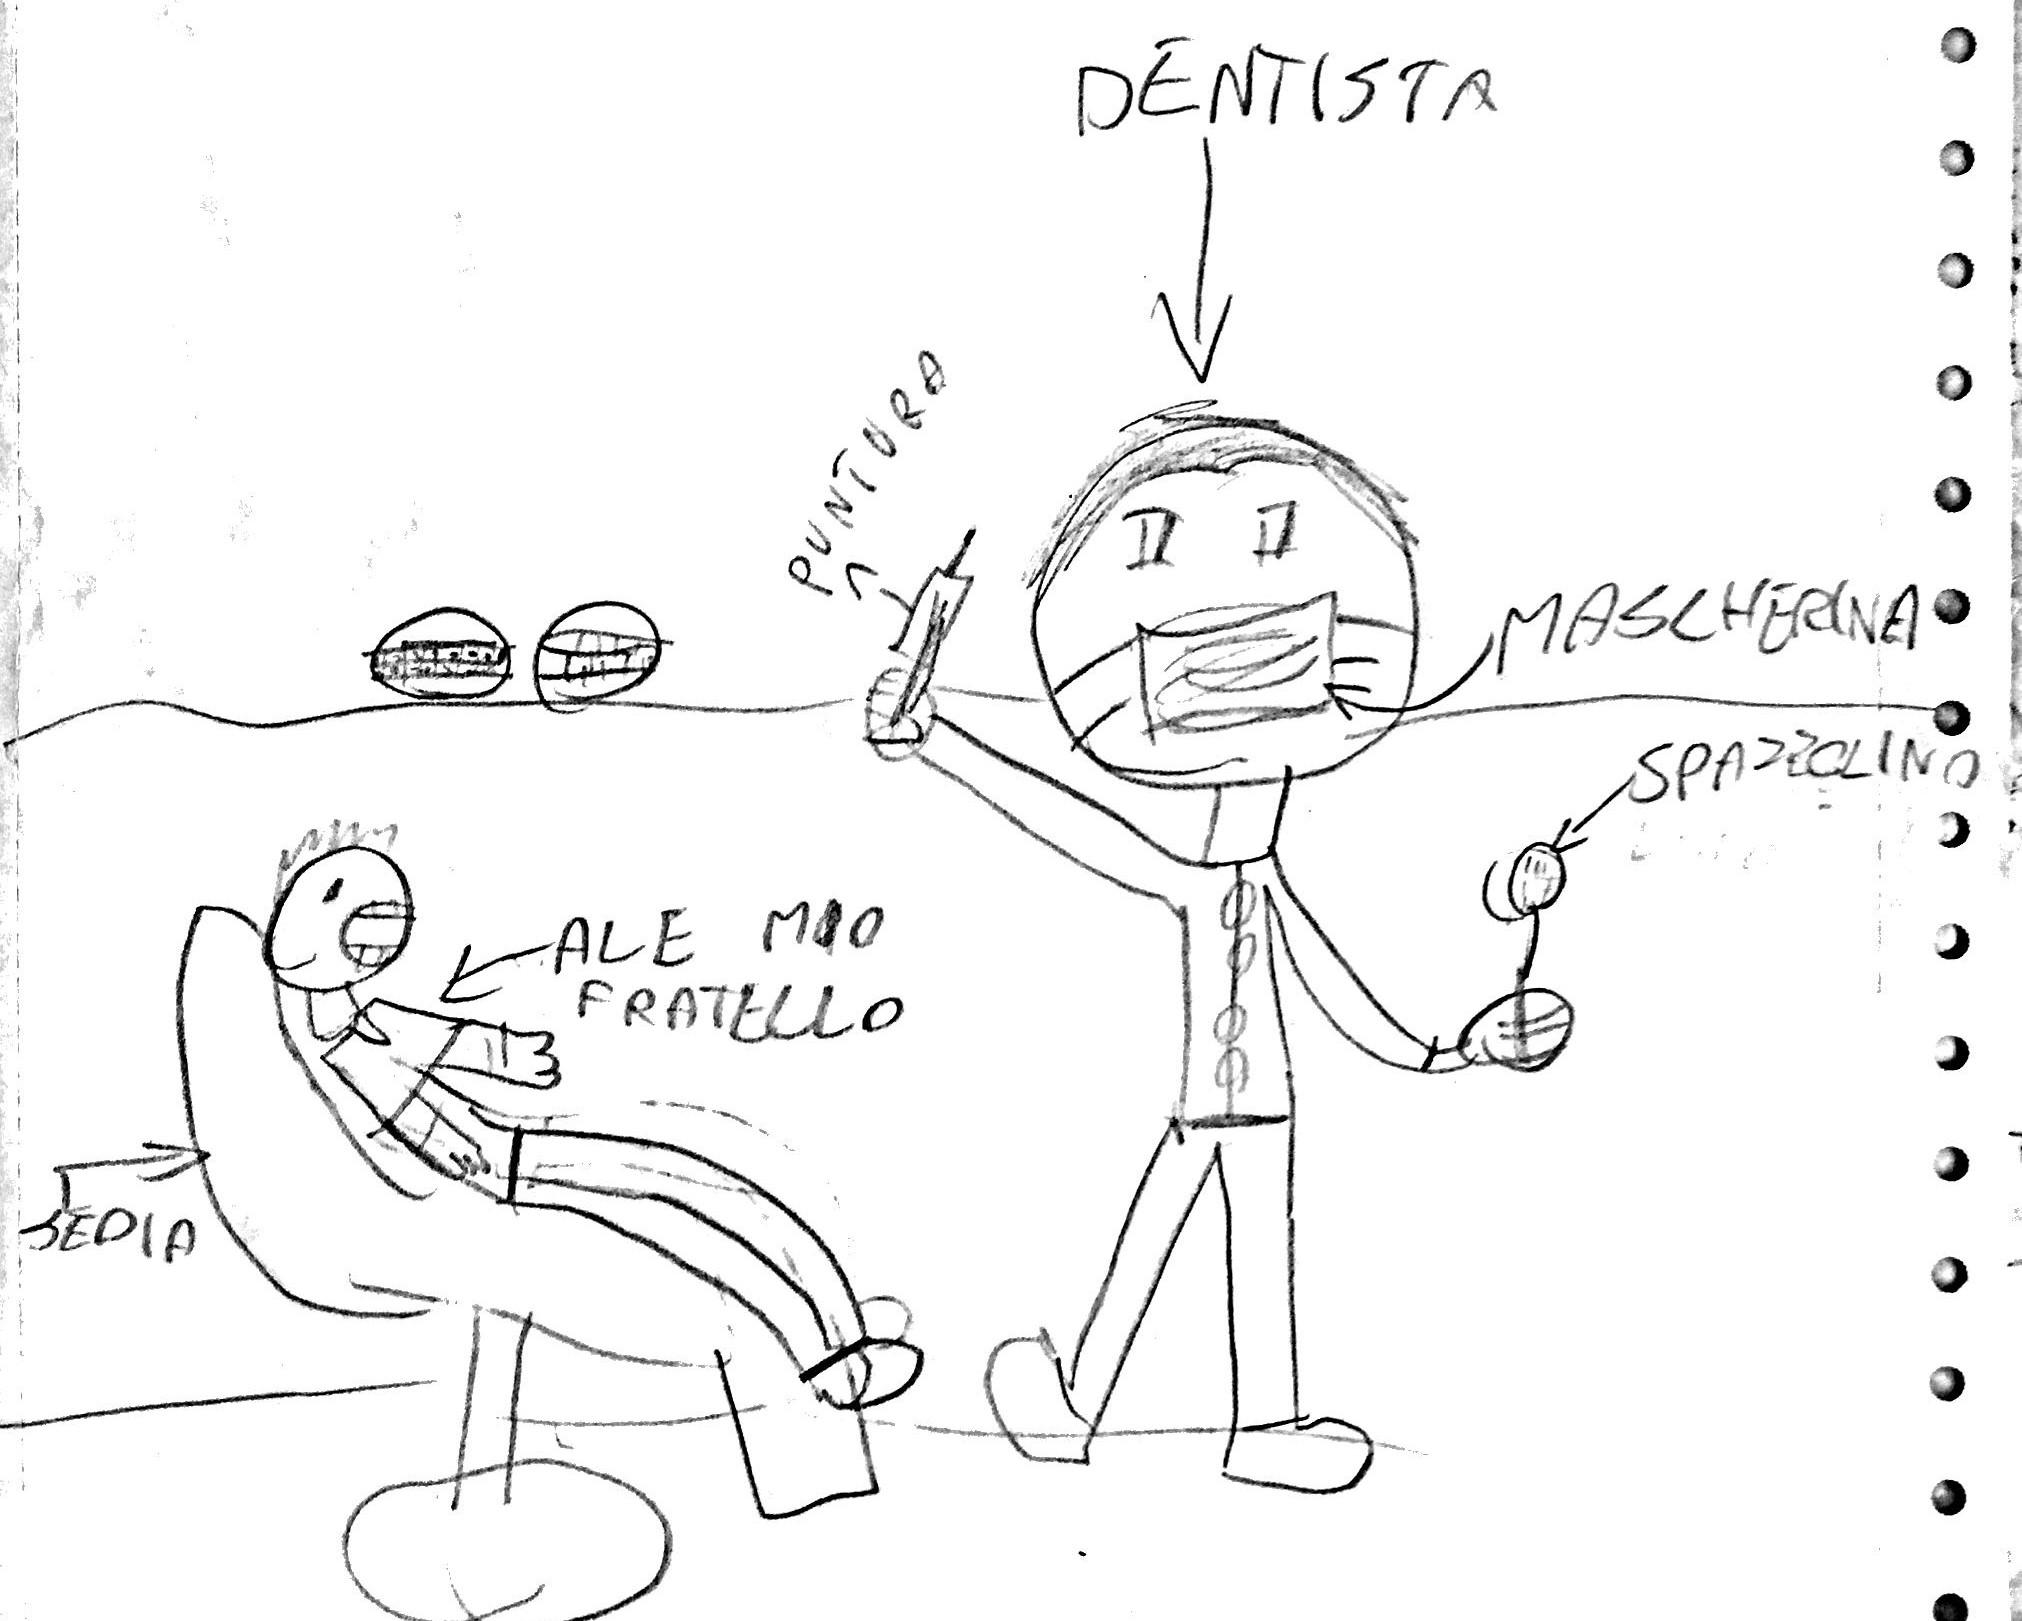 disegno a matita del dentista con il suo piccolo paziente